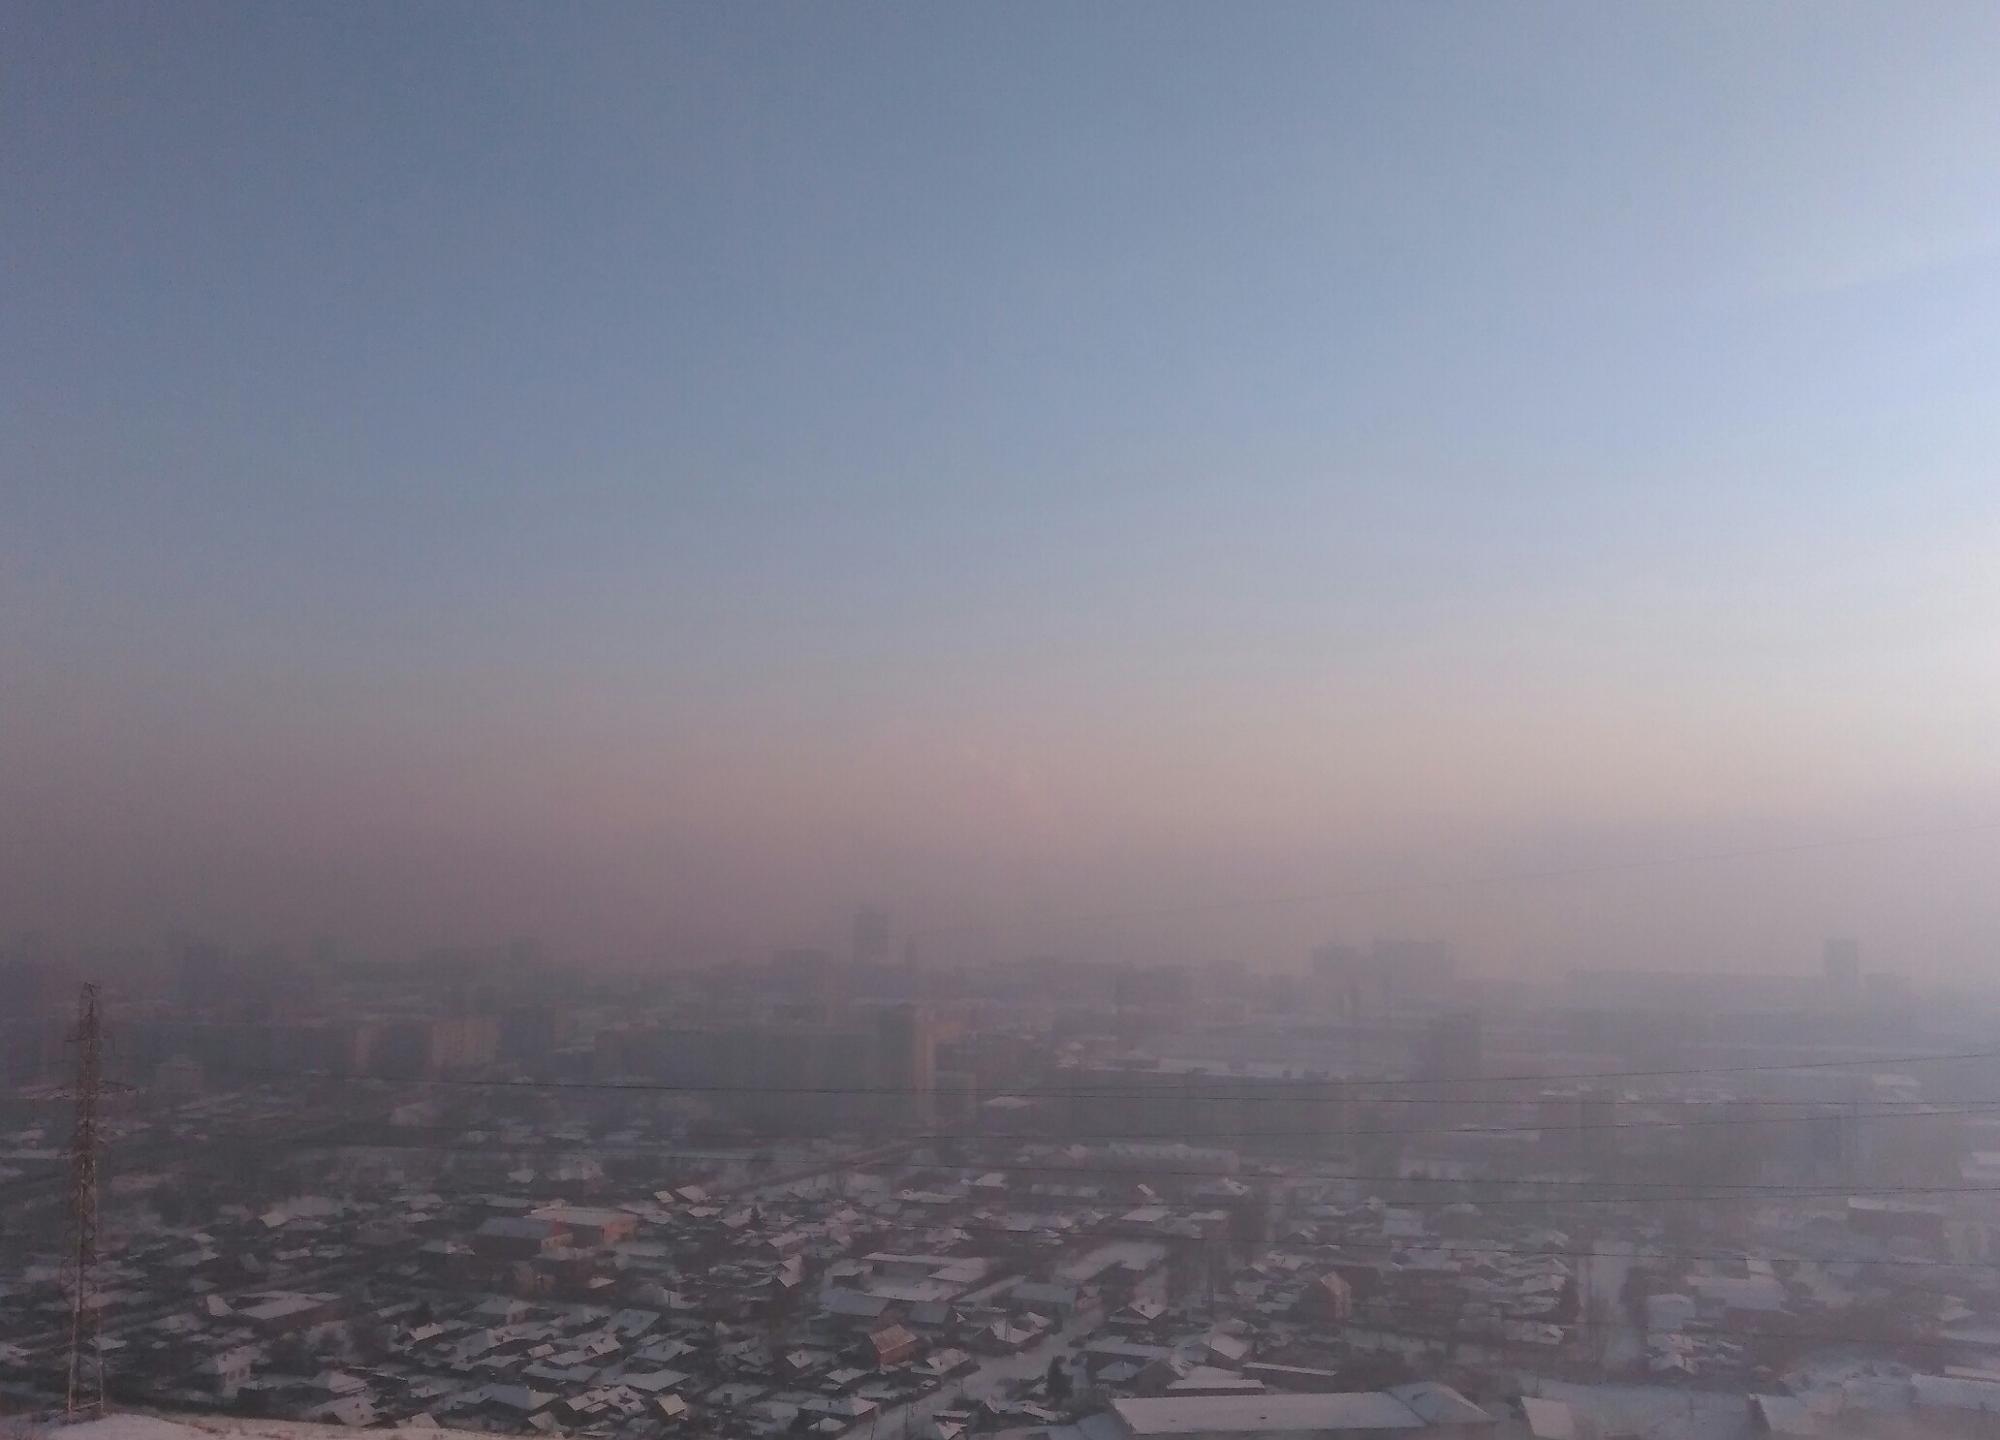 В Красноярске стало невозможно дышать из-за смога